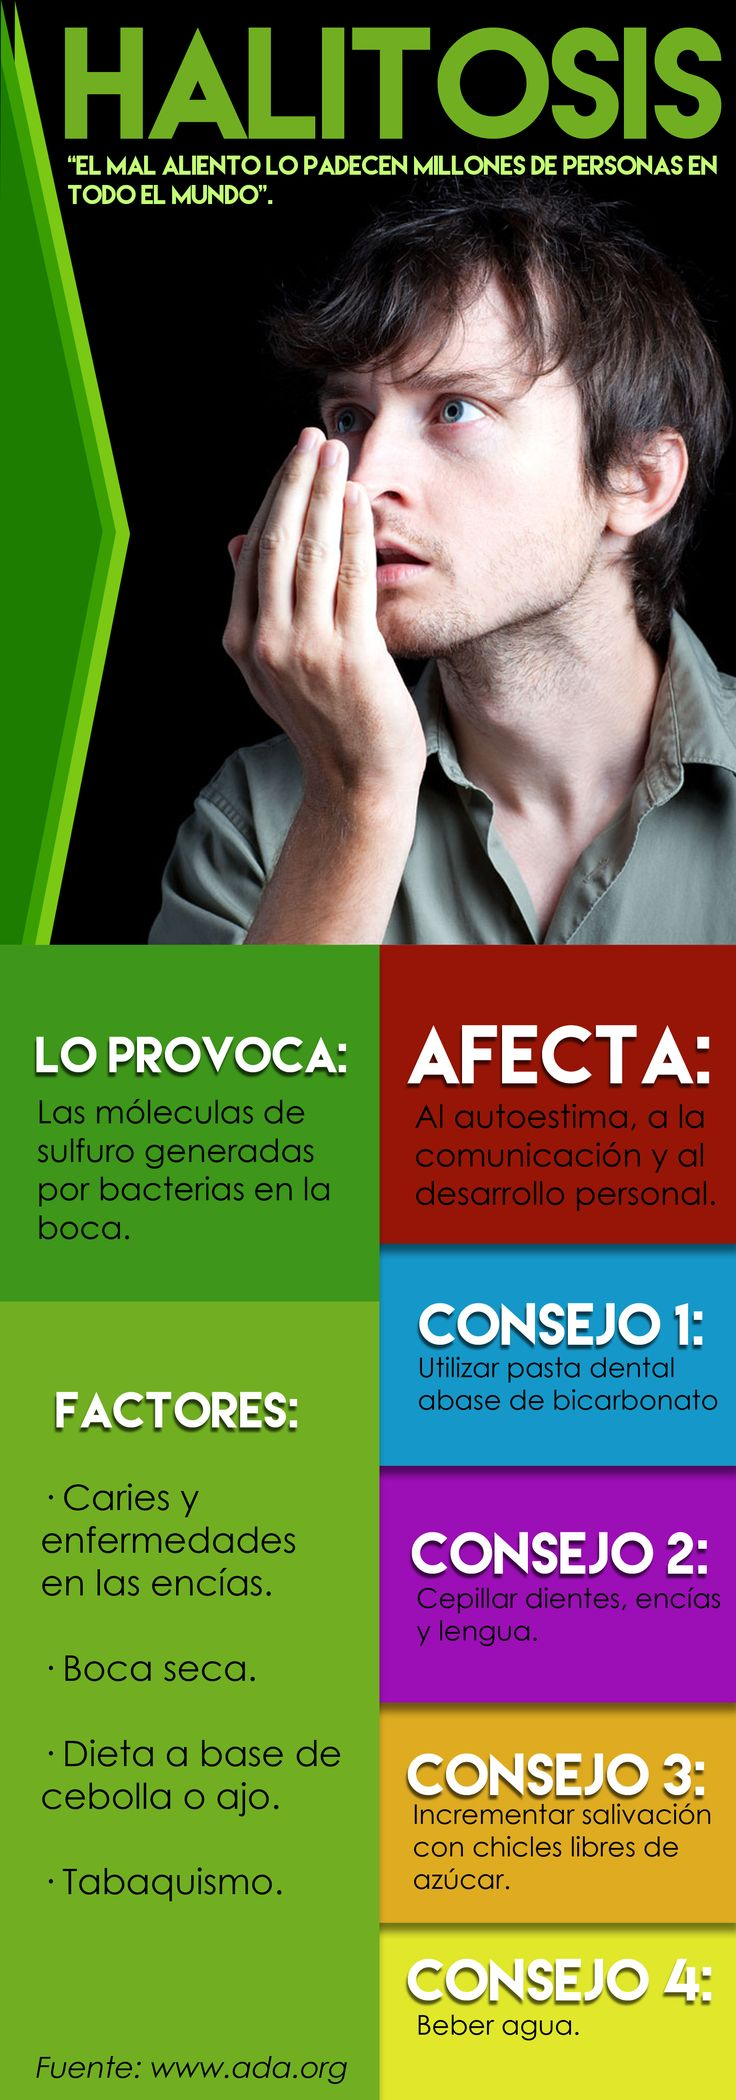 Todo sobre la Halitosis  http://www.dentart.cl/halitosis-mal-aliento/